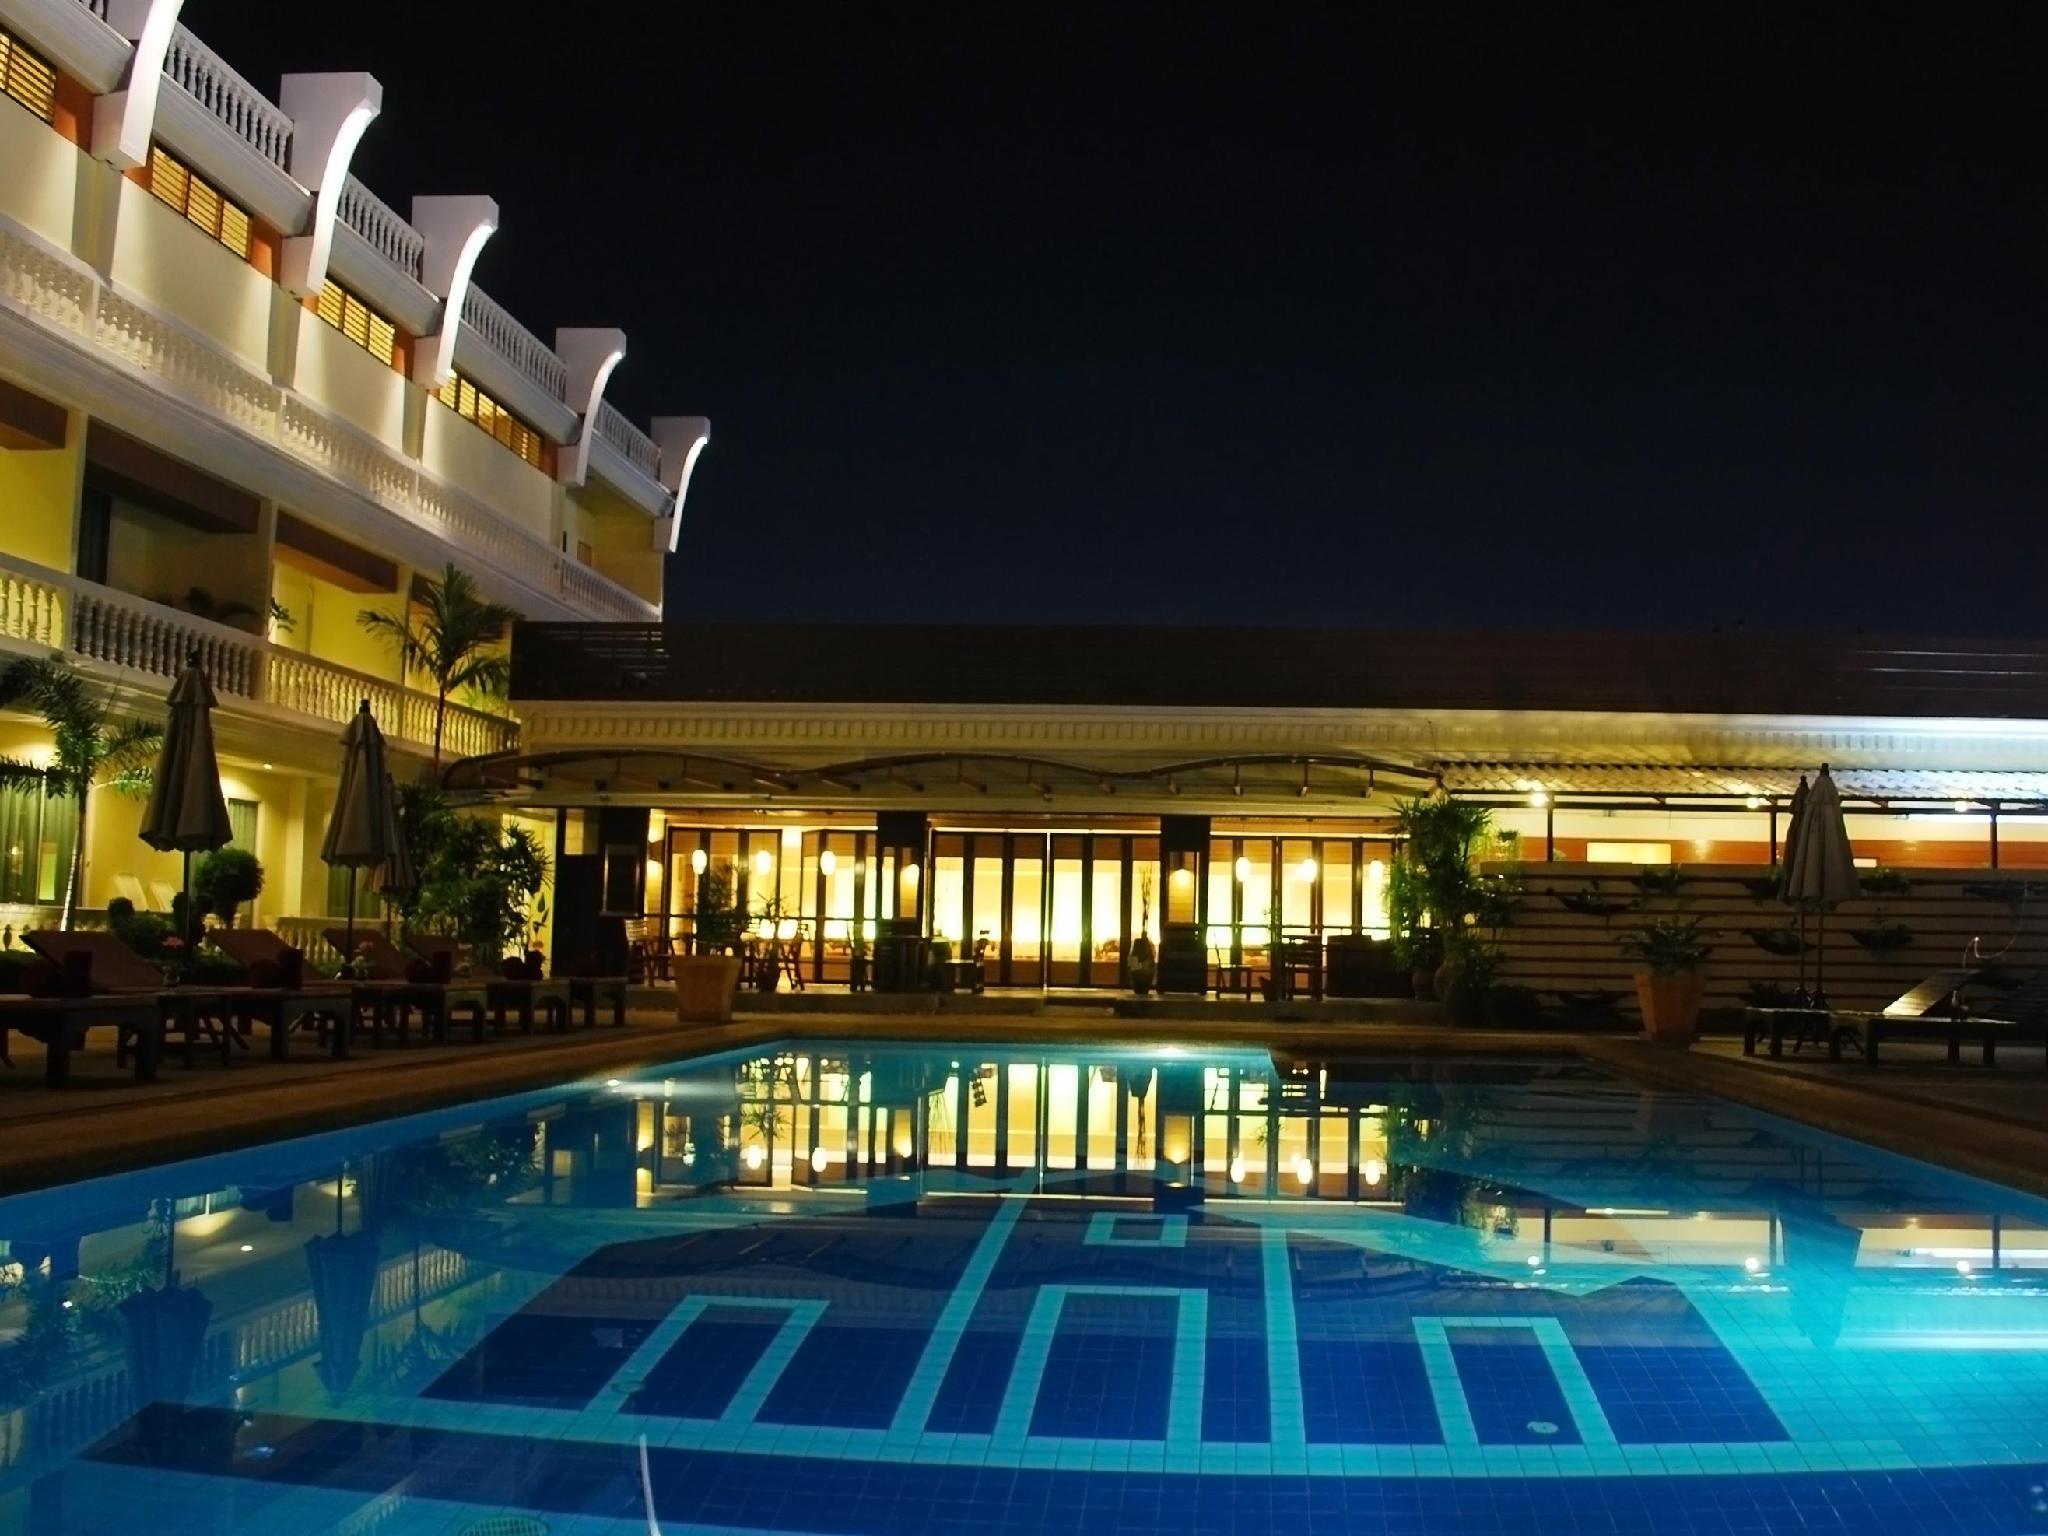 โรงแรมวินด์มิลล์